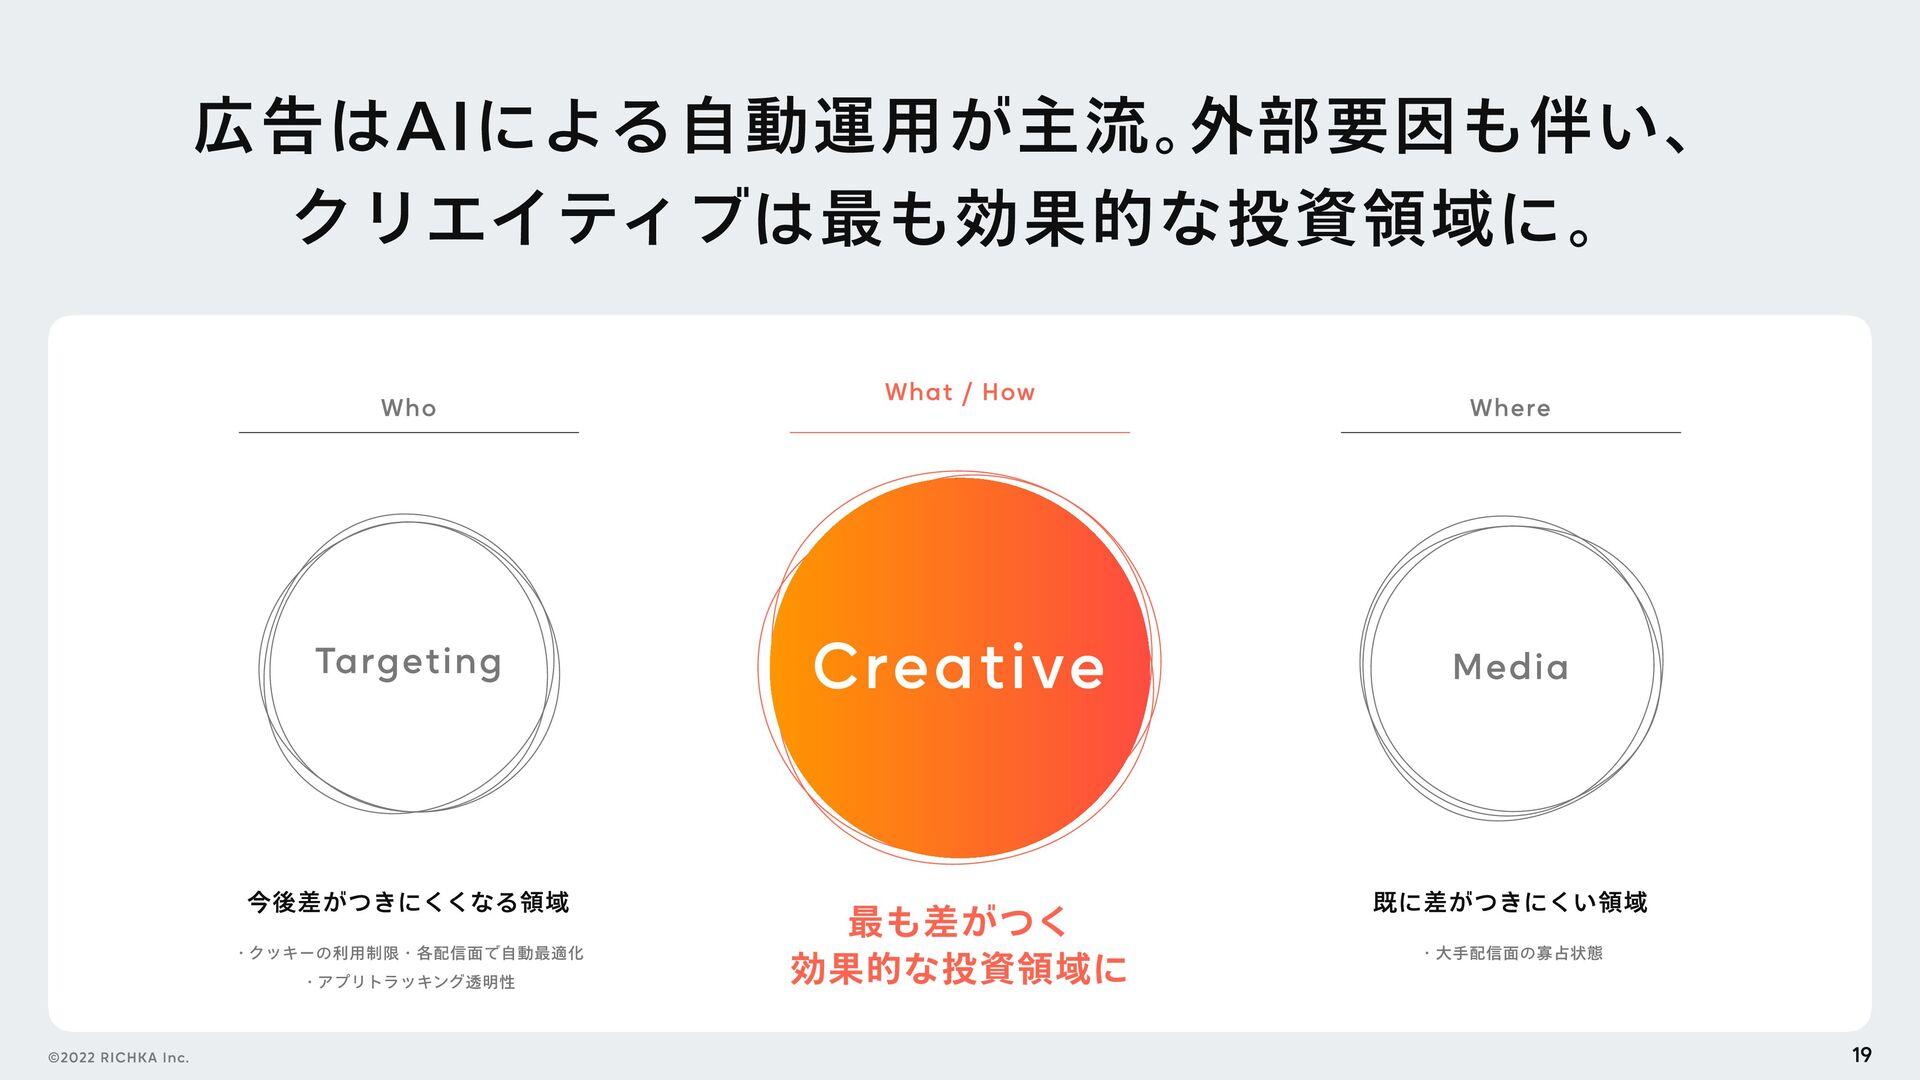 #株主の皆様 MF Building 3F, 1-6-12 Yoyogi, Shibuya-k...